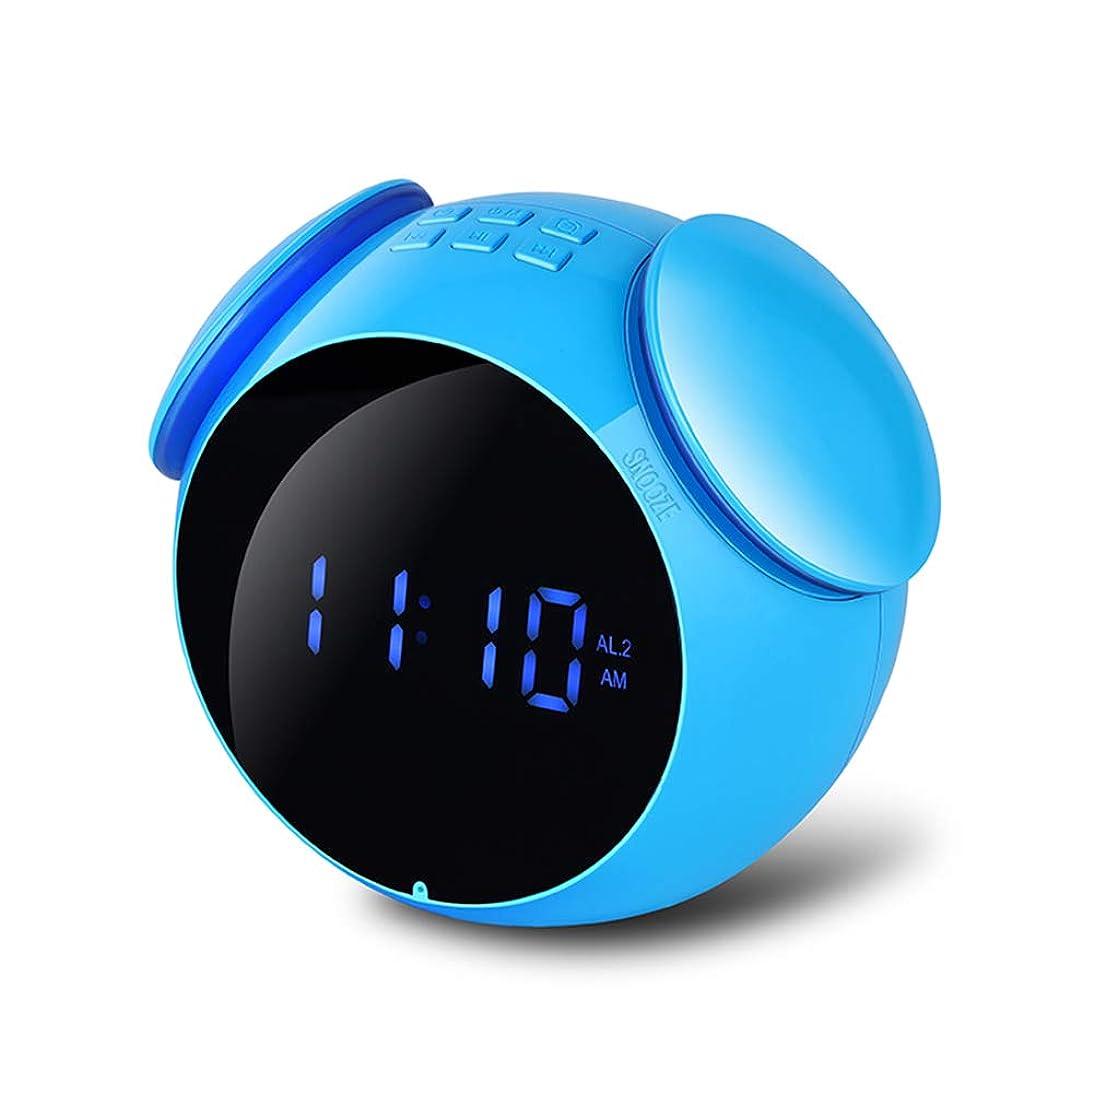 夕方神の医薬品XZYPワイヤレスBluetoothスピーカー、ポータブル目覚まし時計リッチベース、HDディスプレイLEDミラー、作り付けマイク、パーティー用、読書、寝室、デスク,Blue